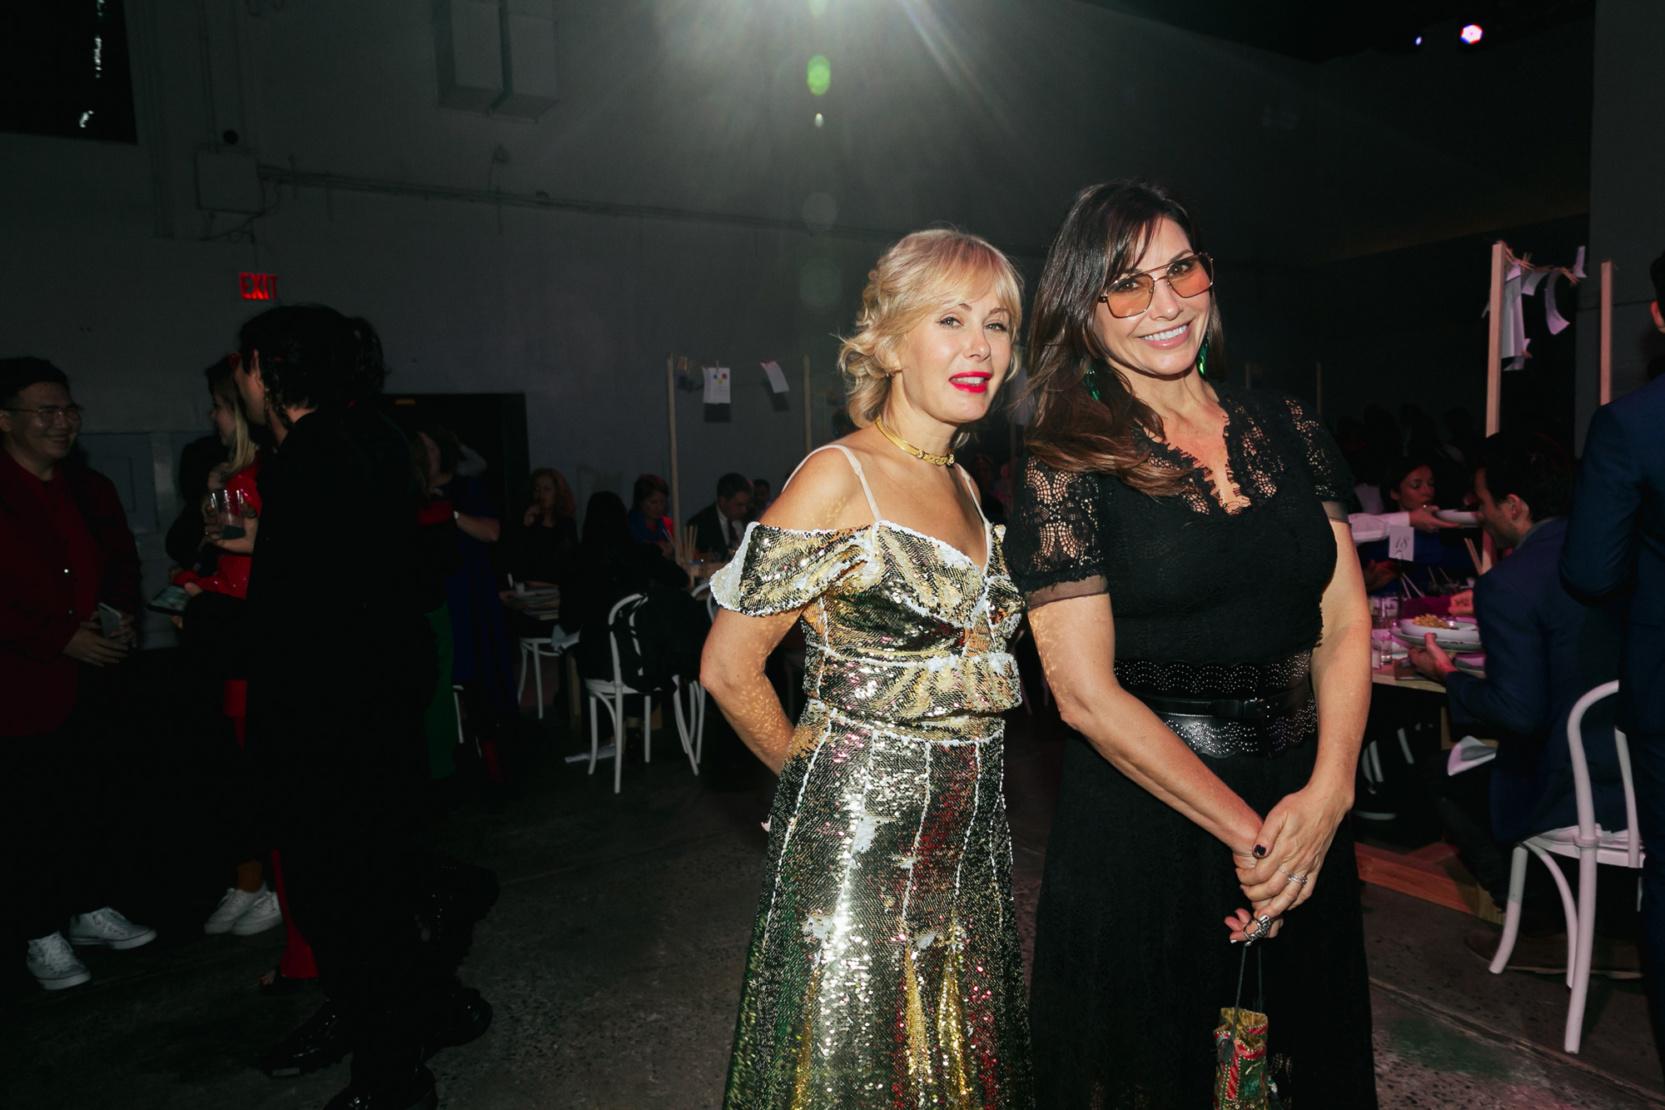 Tara Subkoff and Gina Gershon